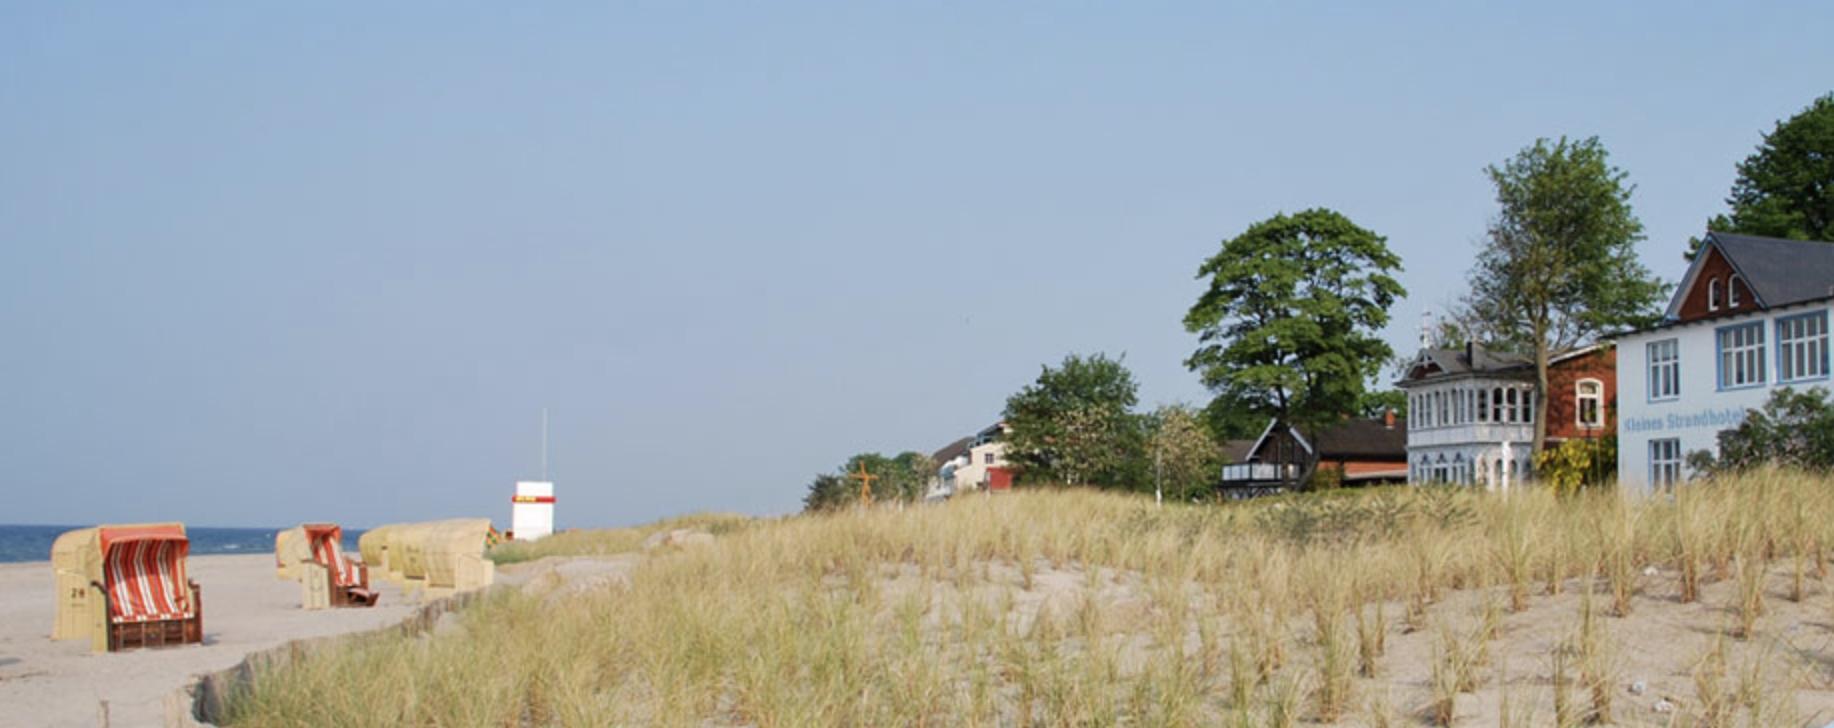 Kleines Strandhotel Timmendorfer Strand